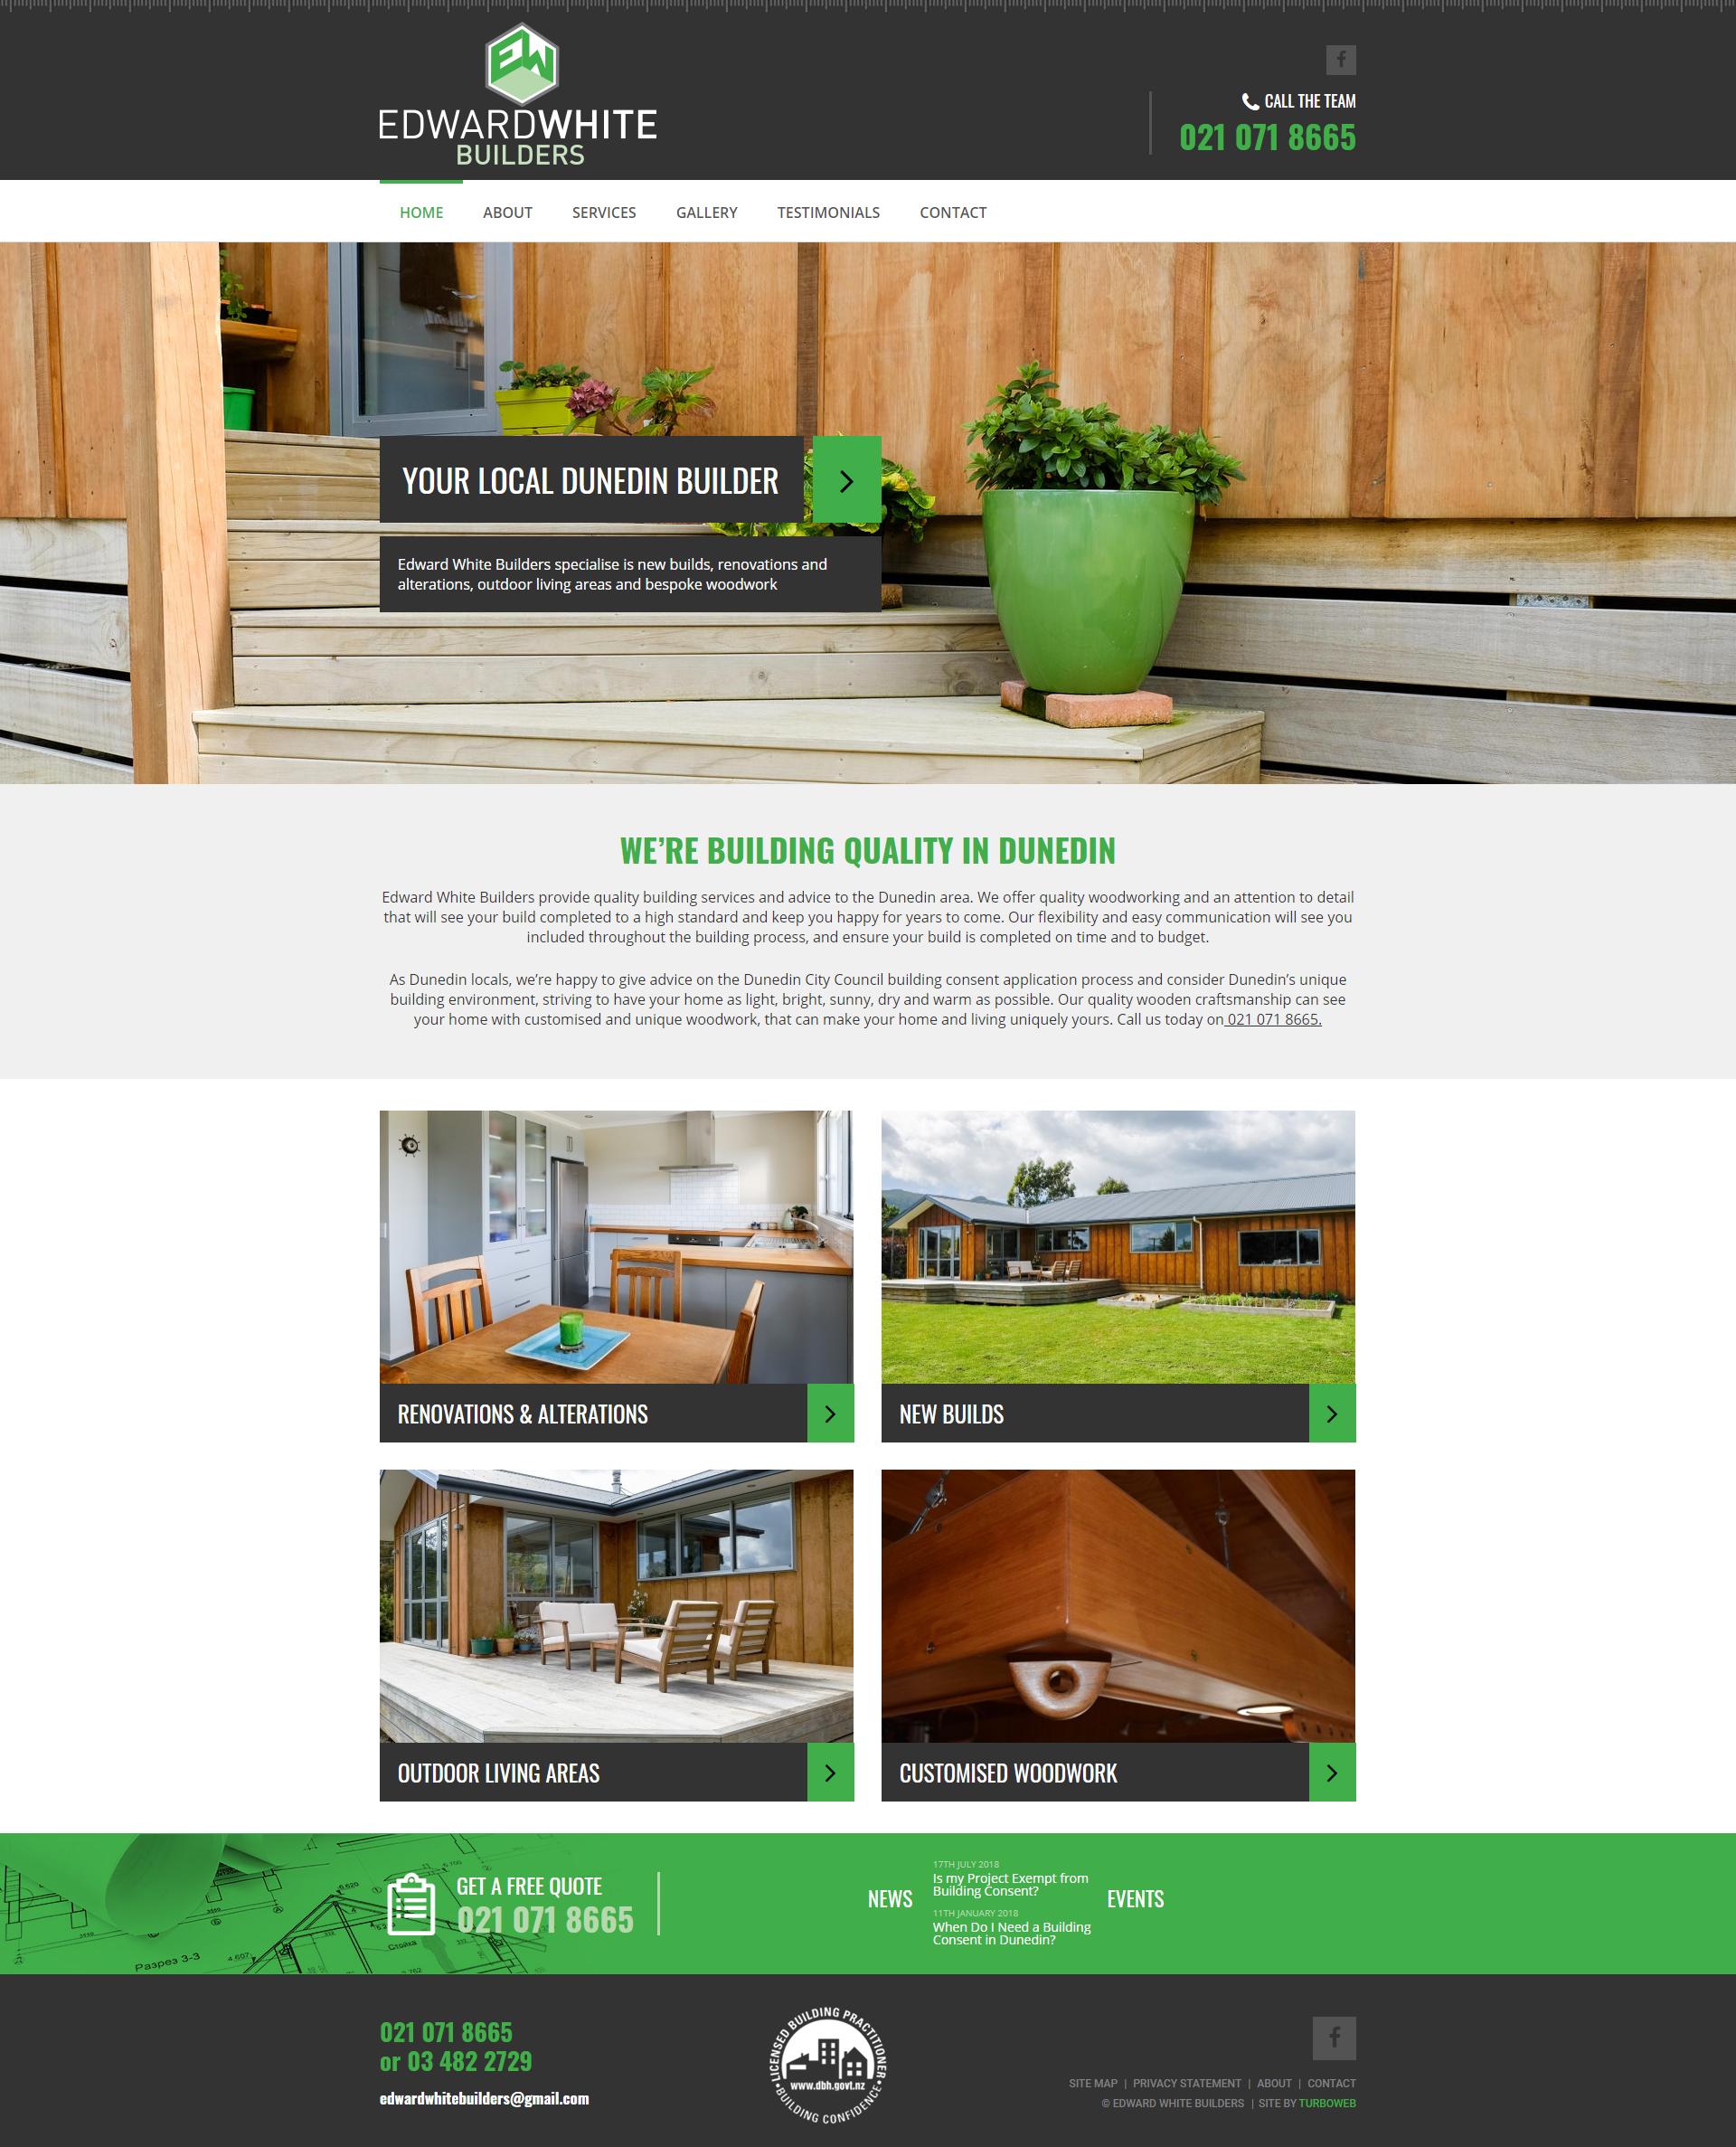 Edward White Builders website homepage